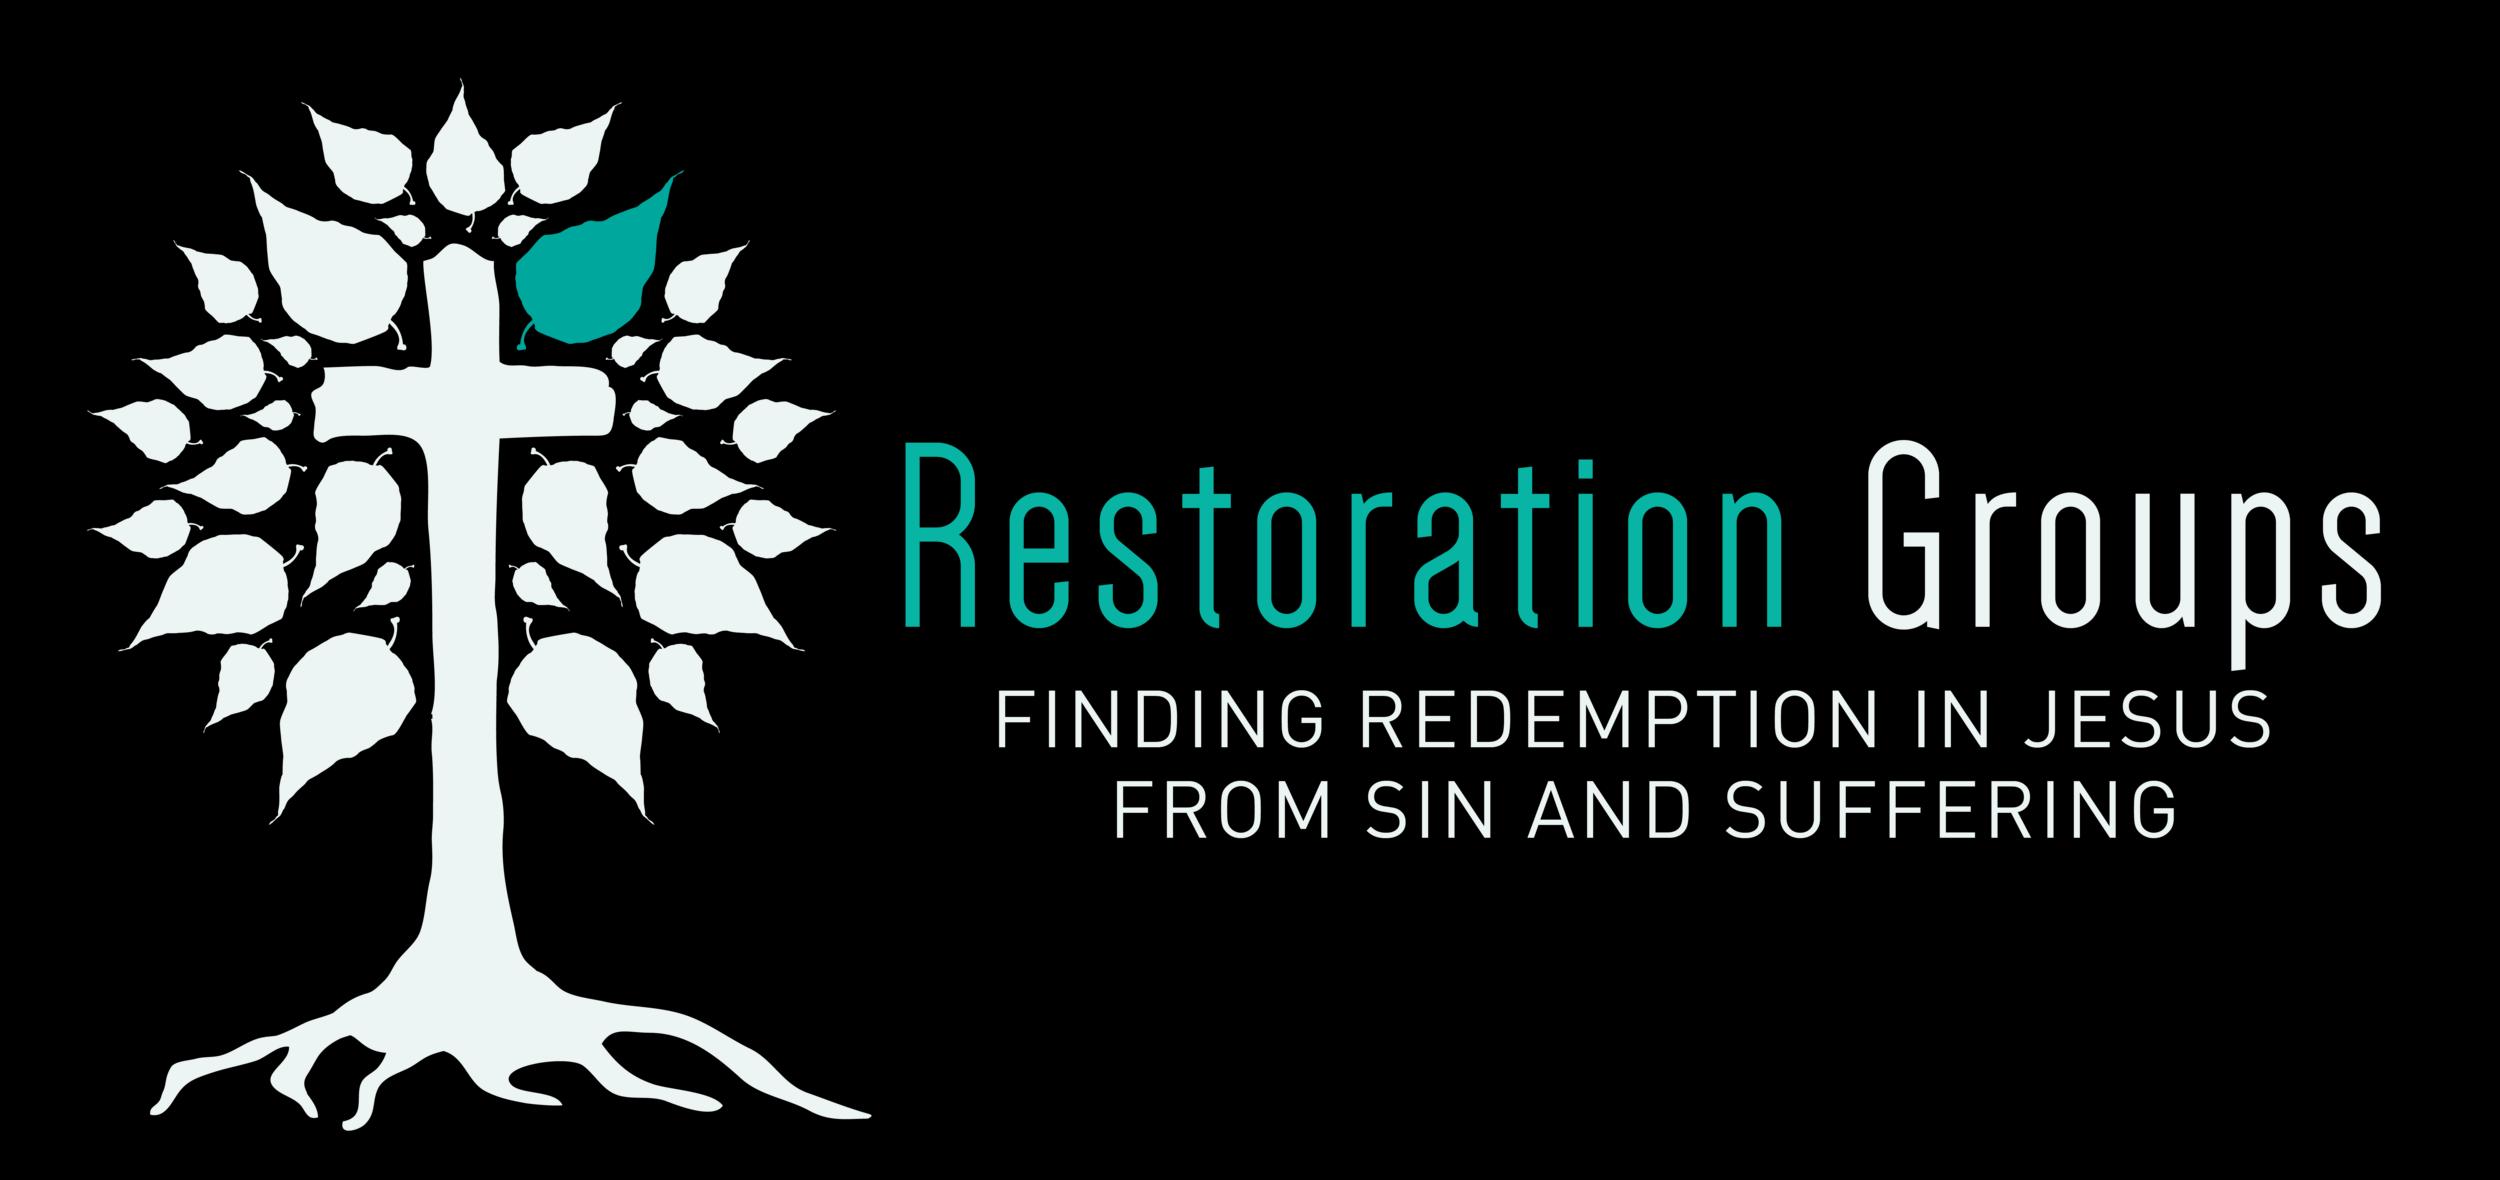 RestorationGroupsBLACK-04.png